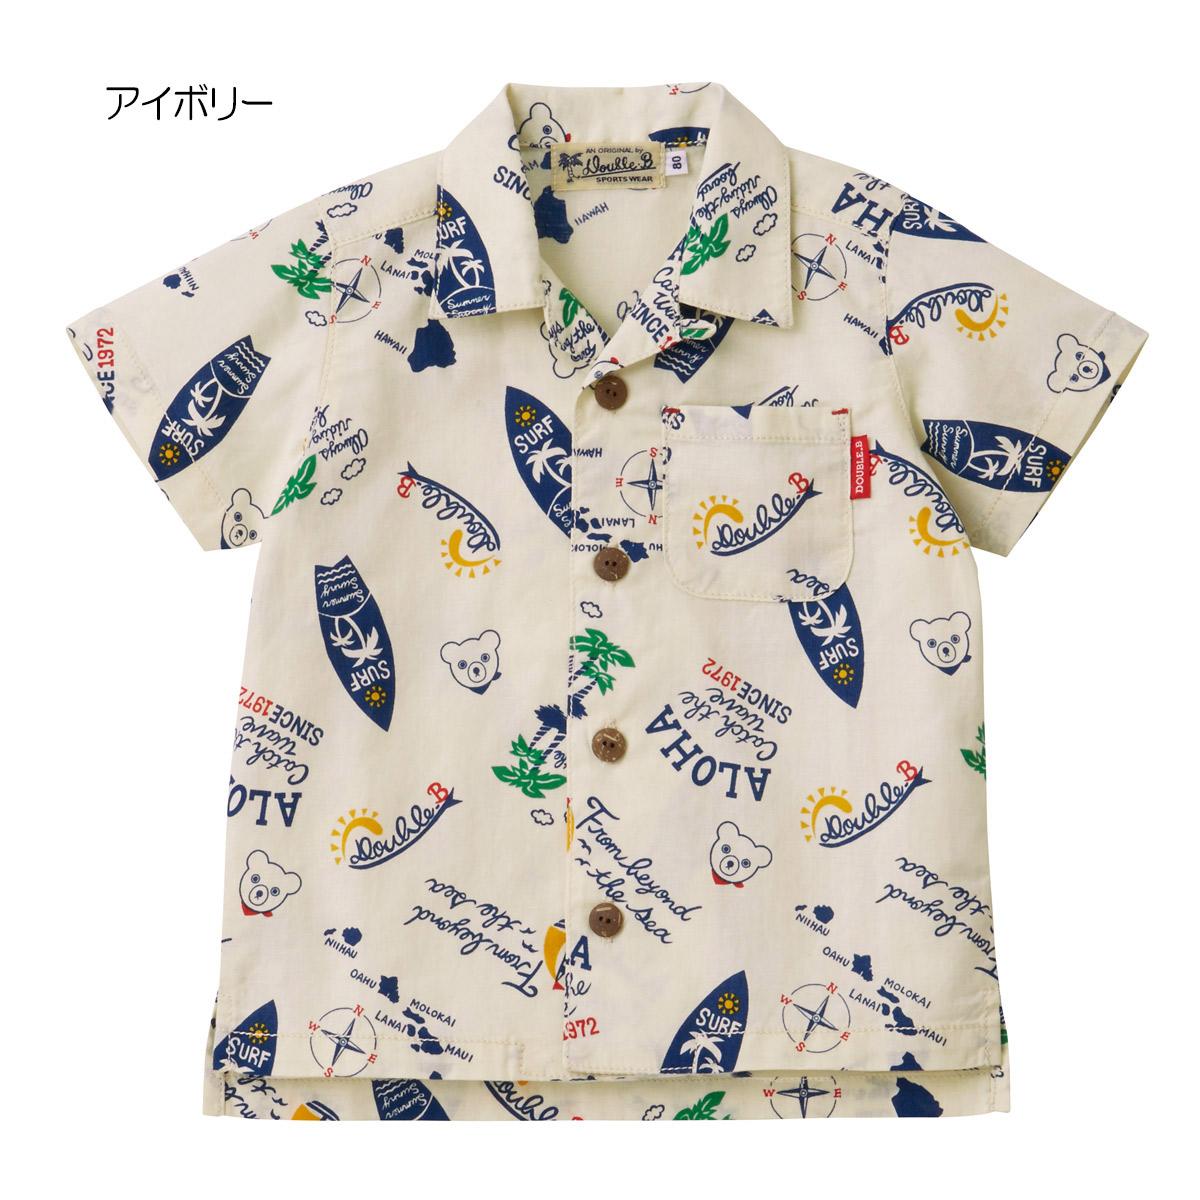 〇 高級品 ミキハウス SALE シャツ10000 ディスカウント 3 国内 980円以上で送料無料